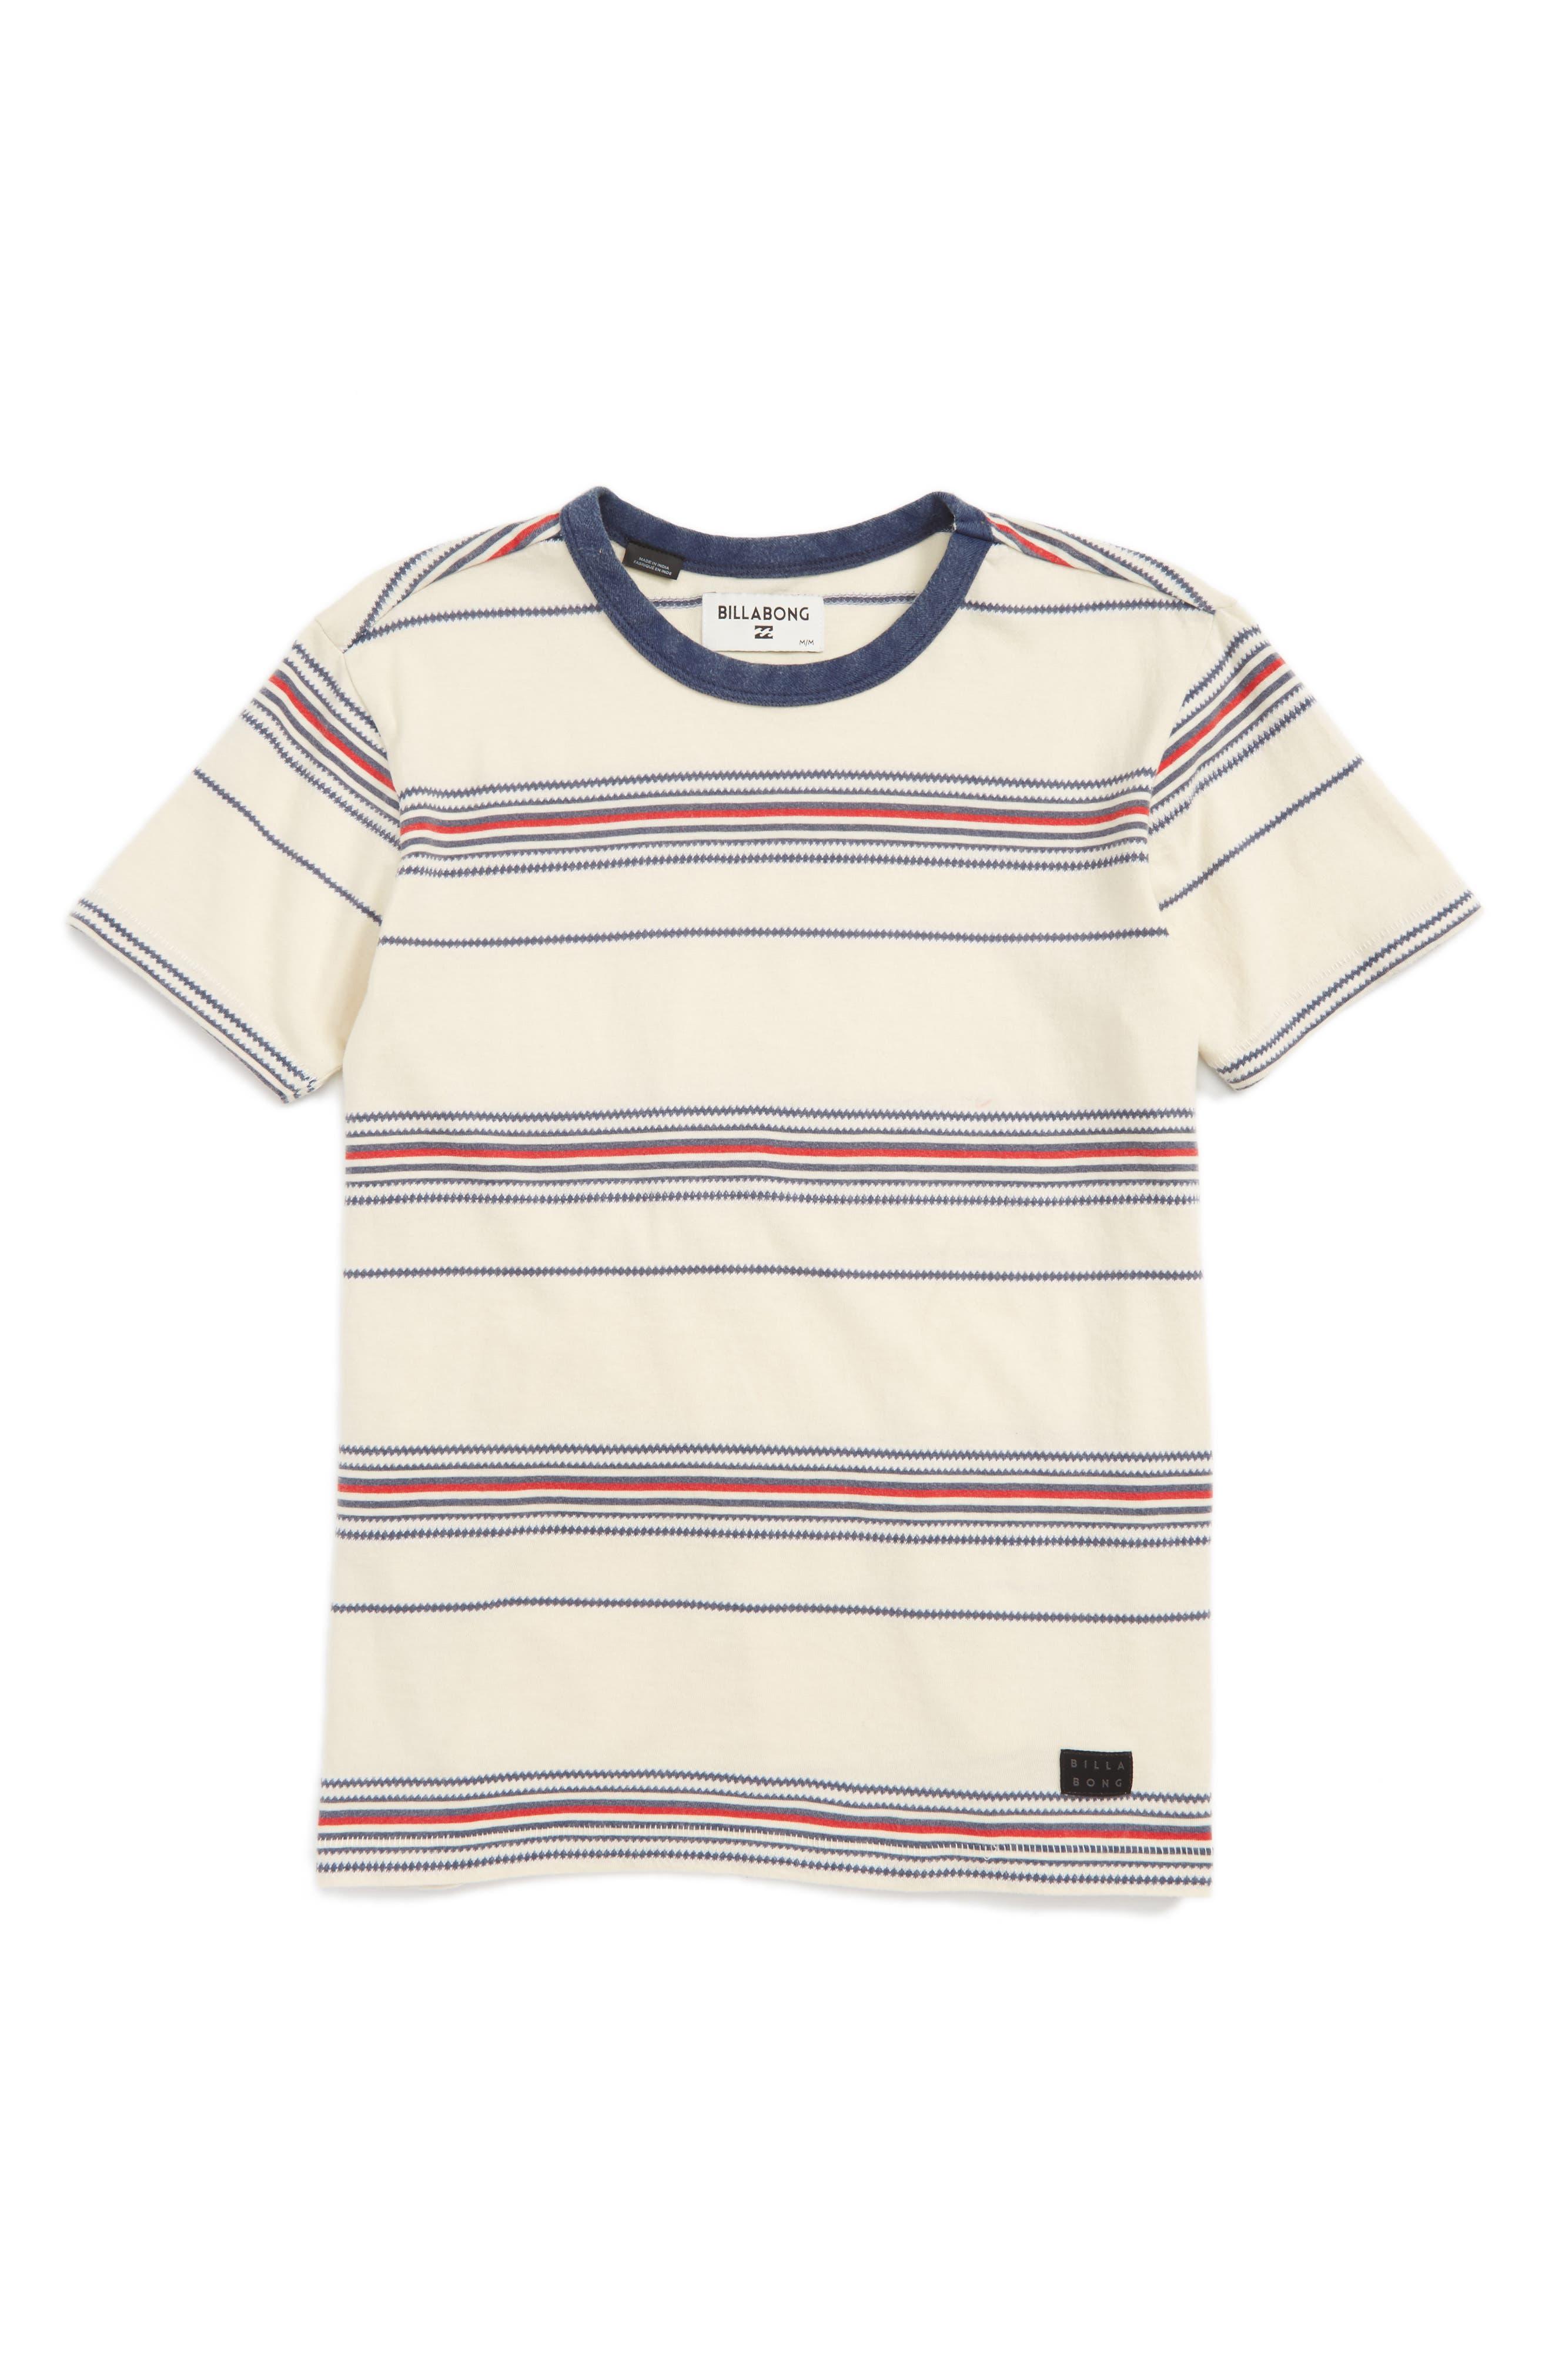 BILLABONG Banter Stripe T-Shirt